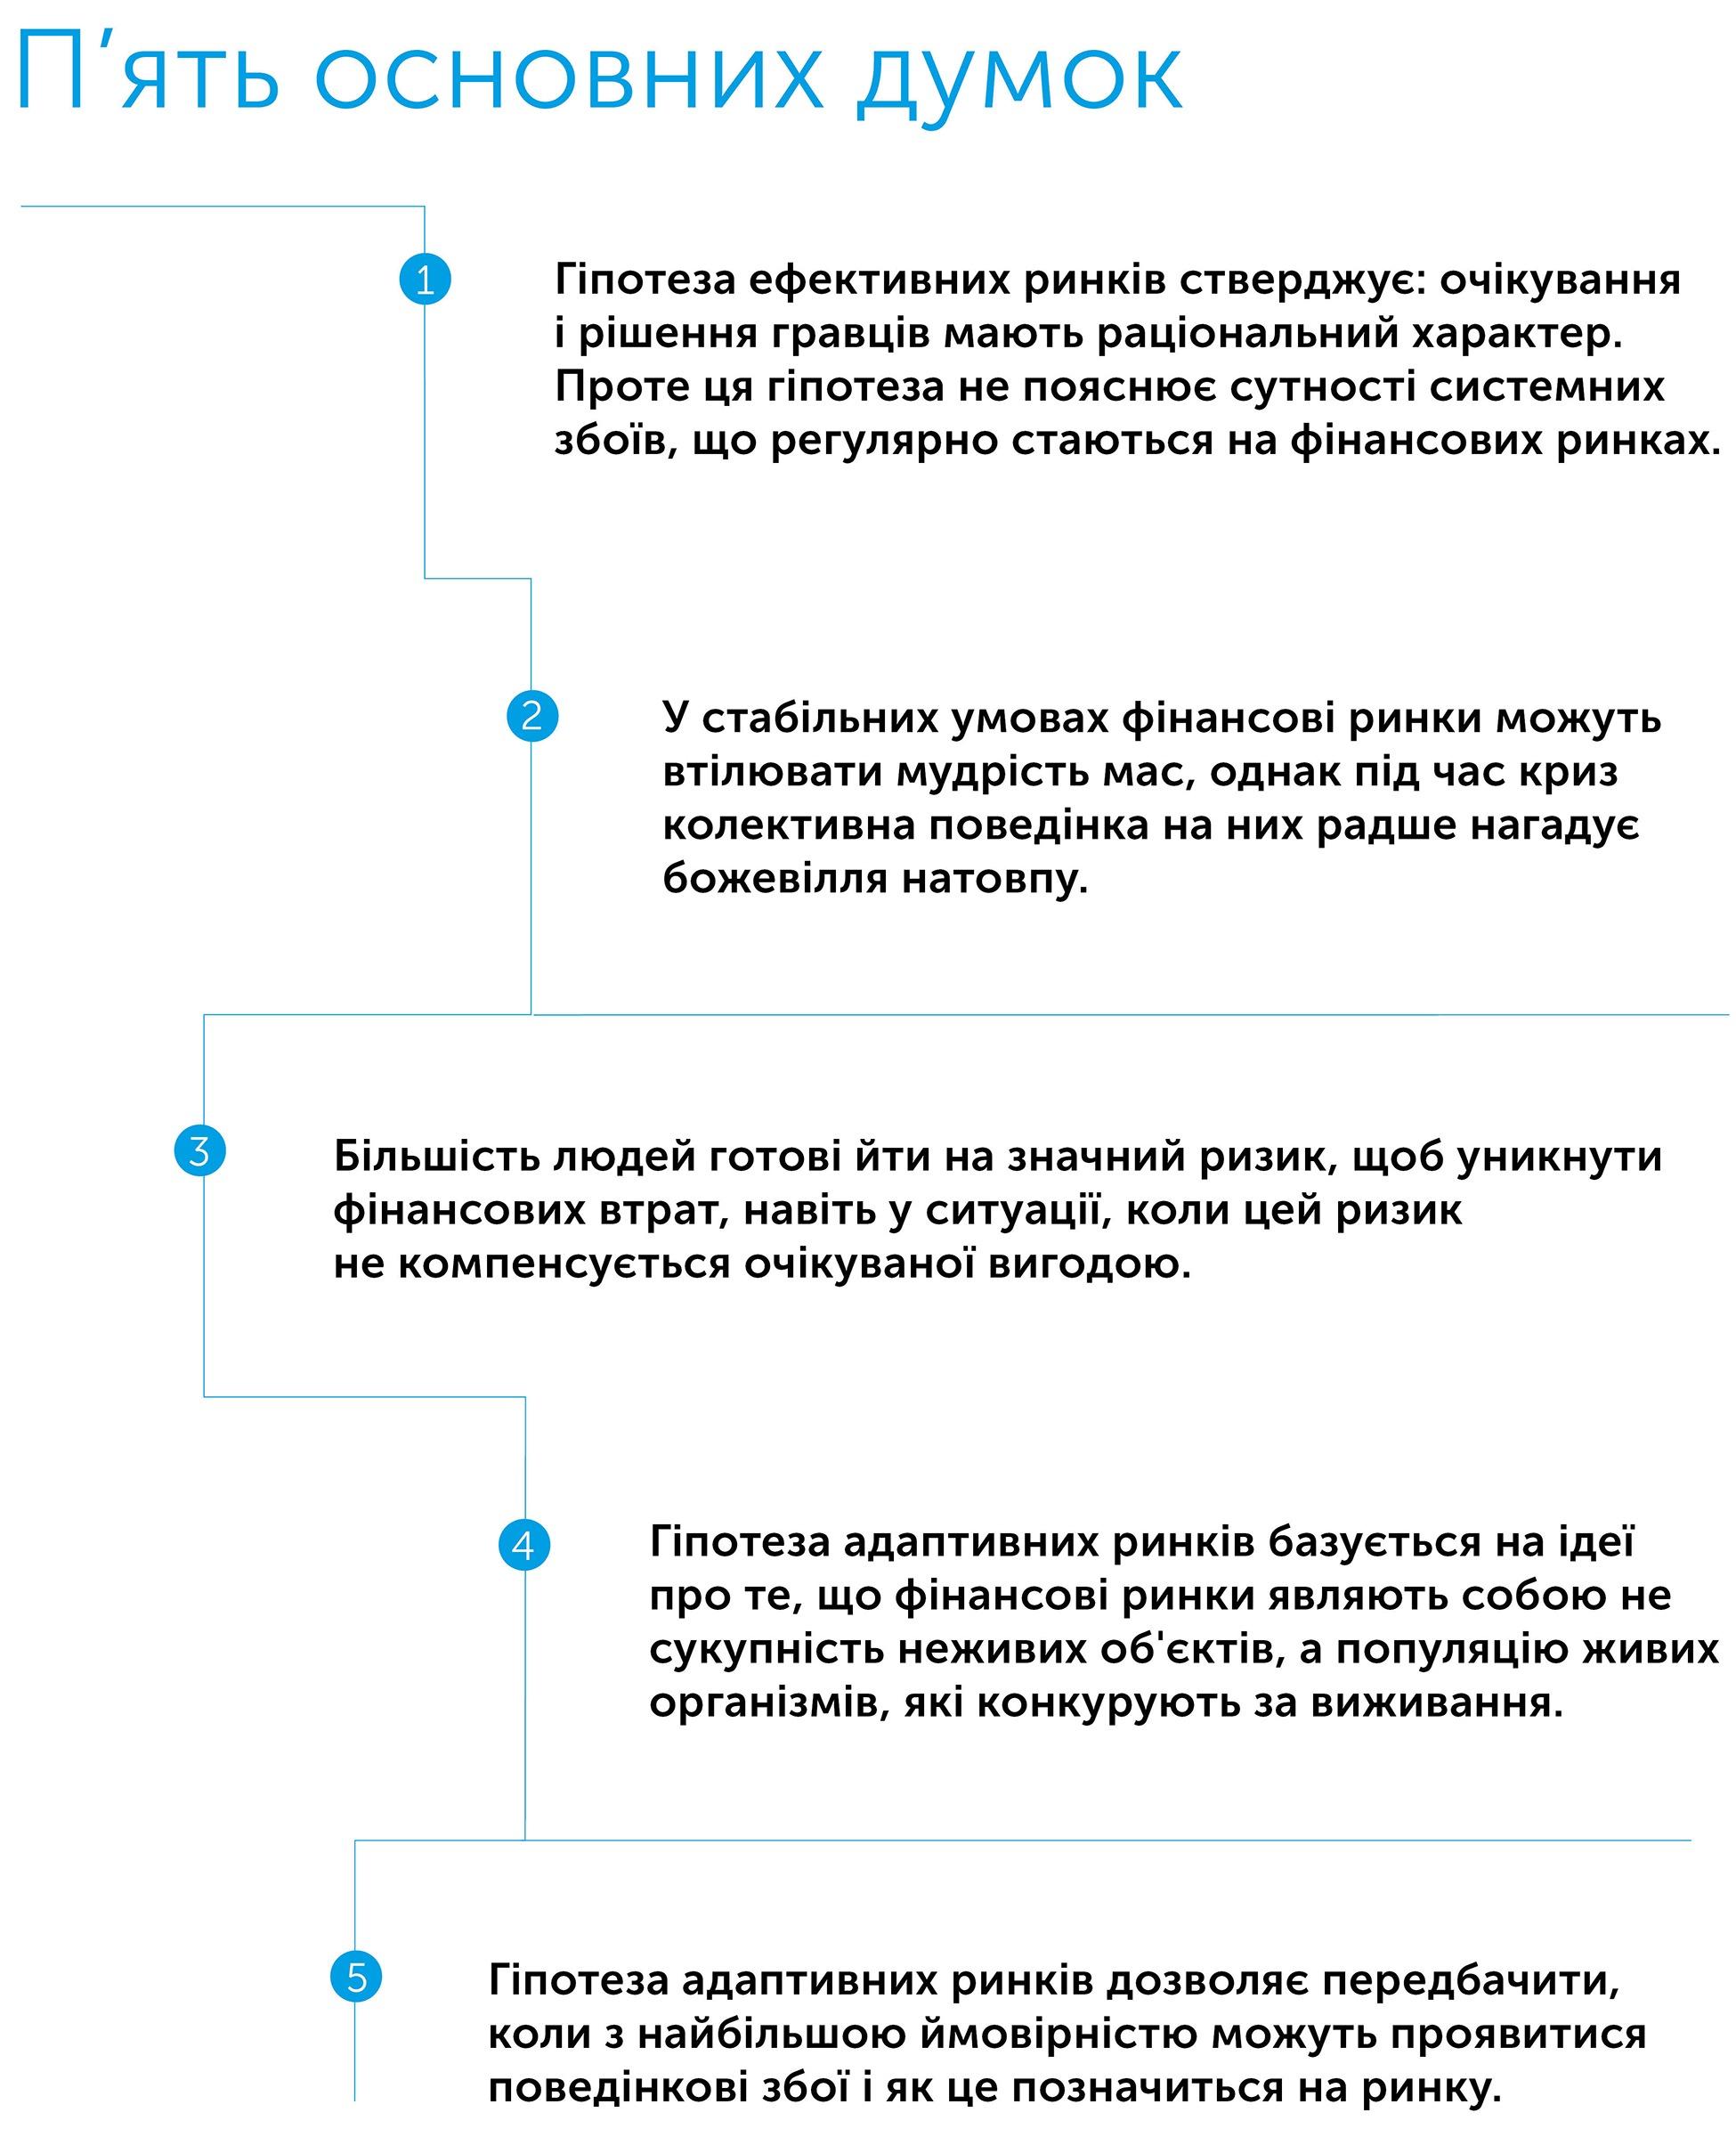 Адаптивні ринки, автор Ендрю Ло | Kyivstar Business Hub, зображення №2